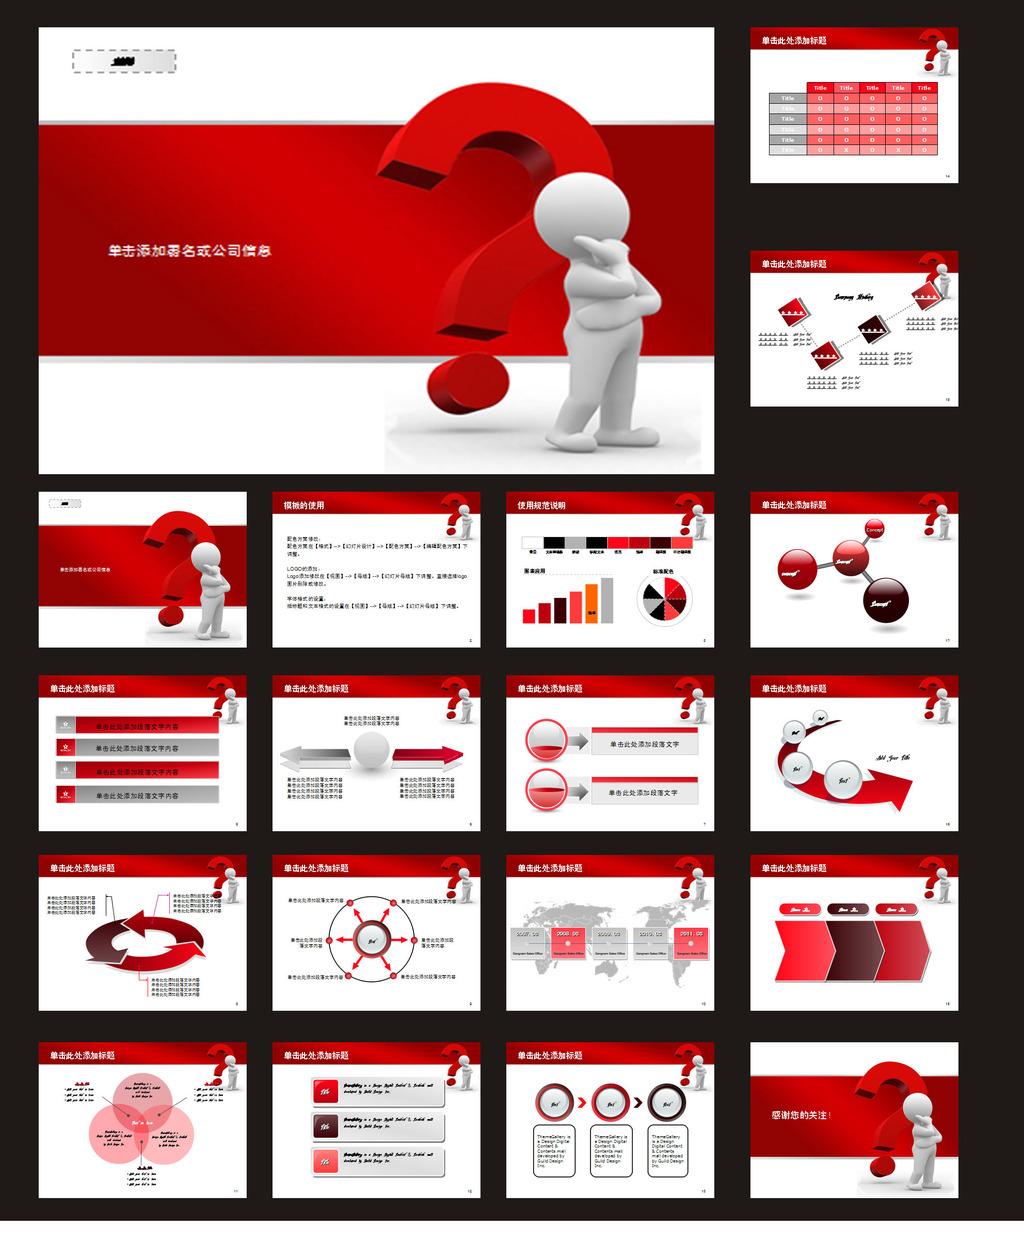 商务ppt模板模板下载 商务ppt模板图片下载